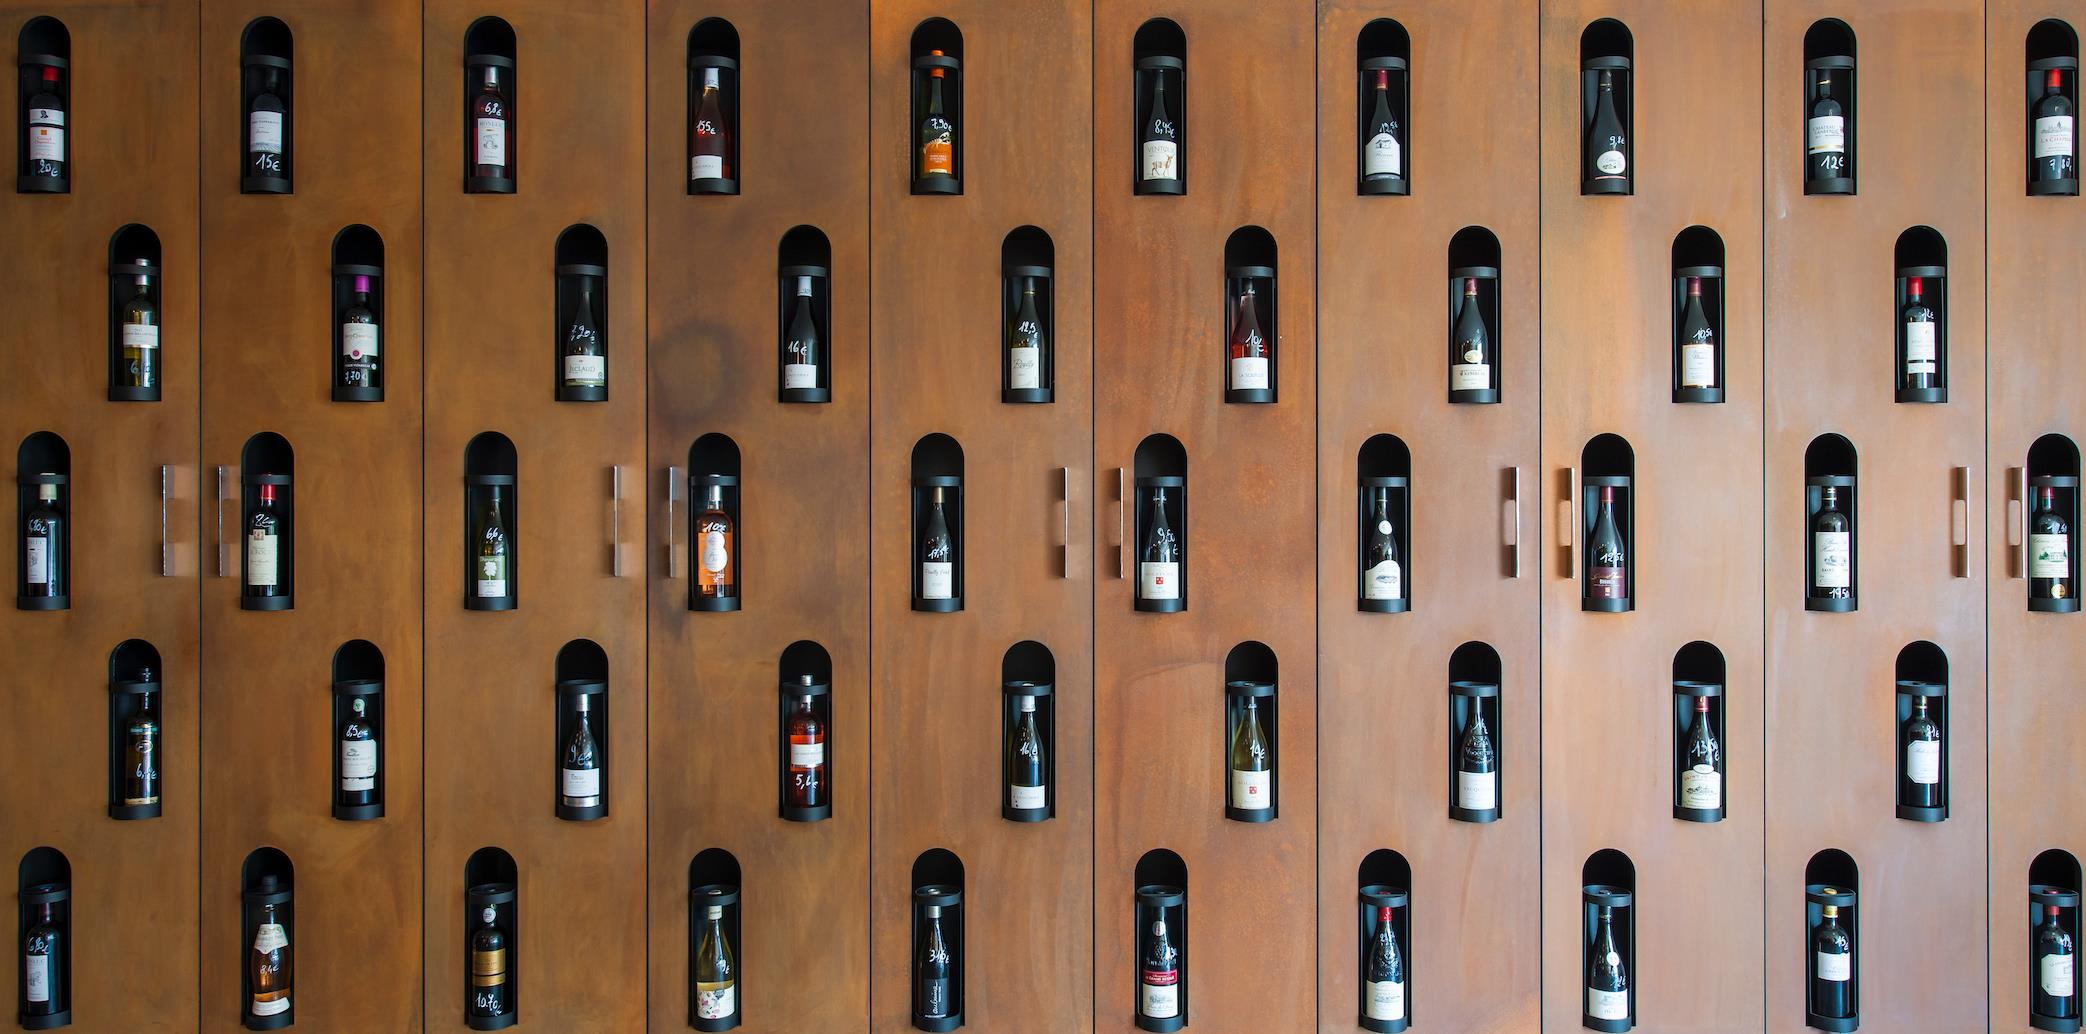 vins qualivino